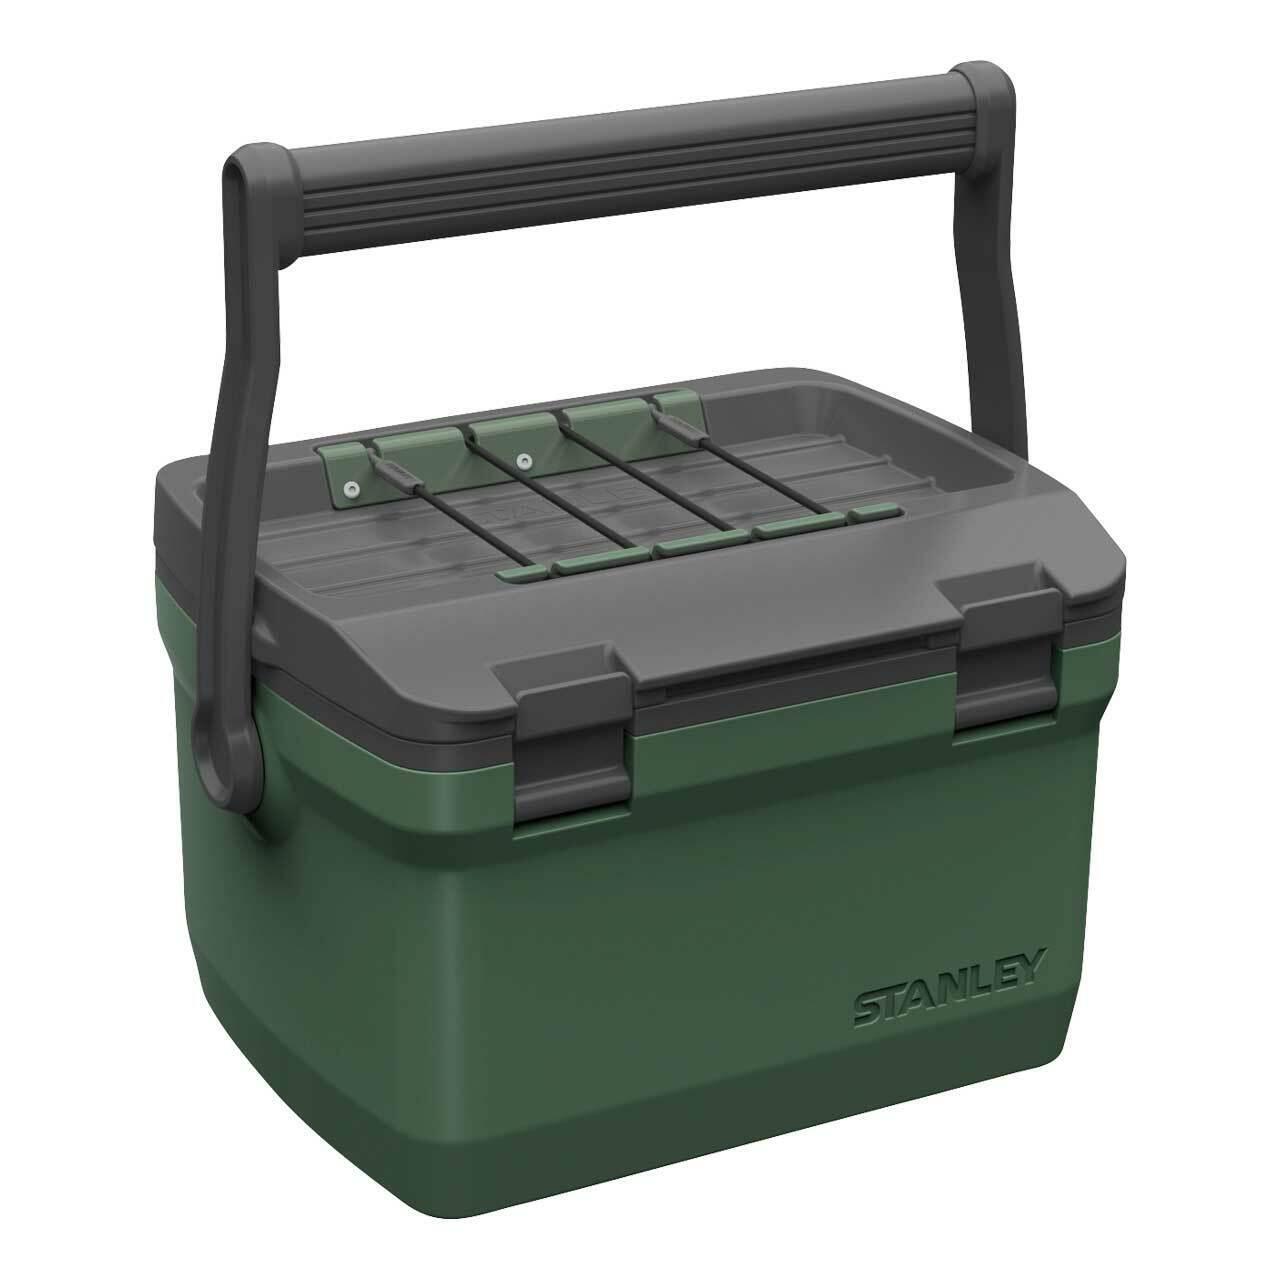 STANLEY Adventure Kühlbox - 6,6 Liter - Camping Kühltasche - Thermobox - Cooler